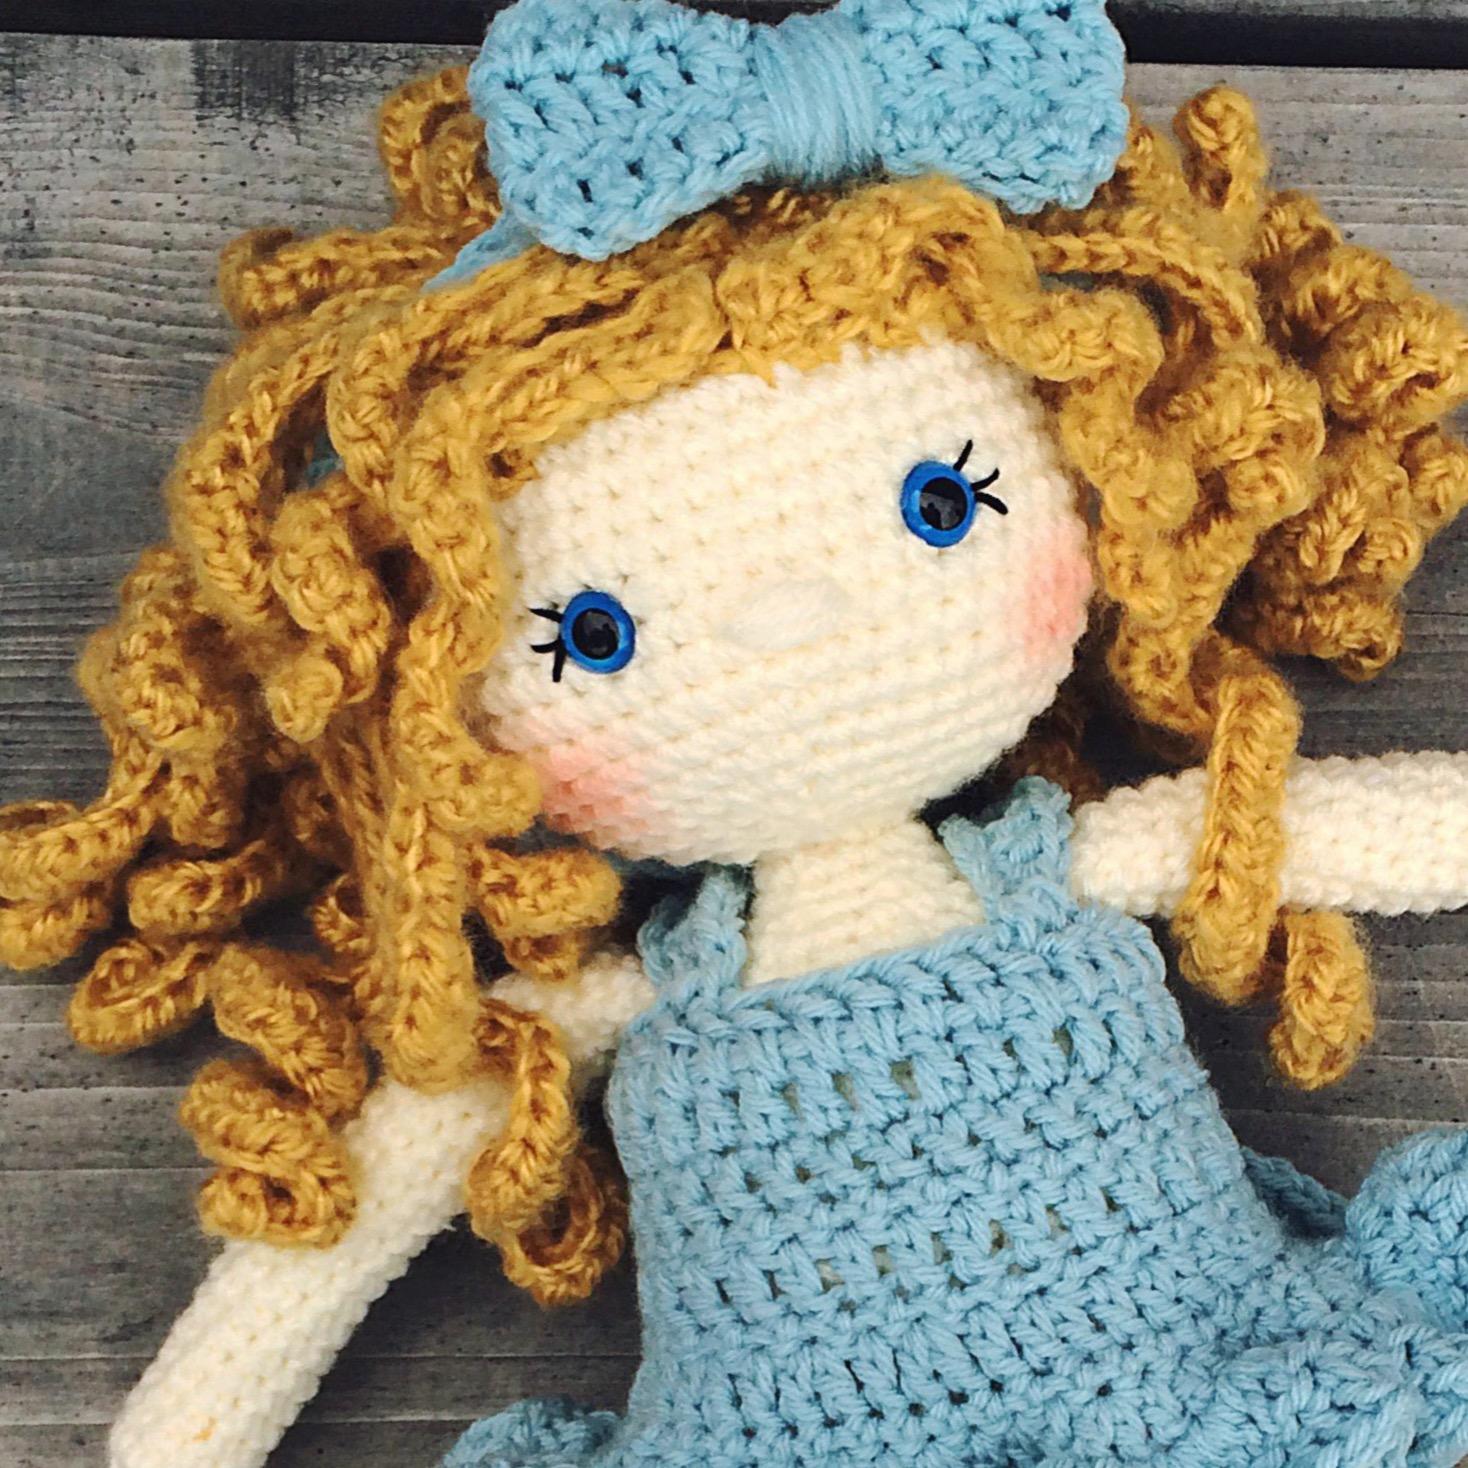 Daily Crochet! - Women Crochet Blog | 1468x1468